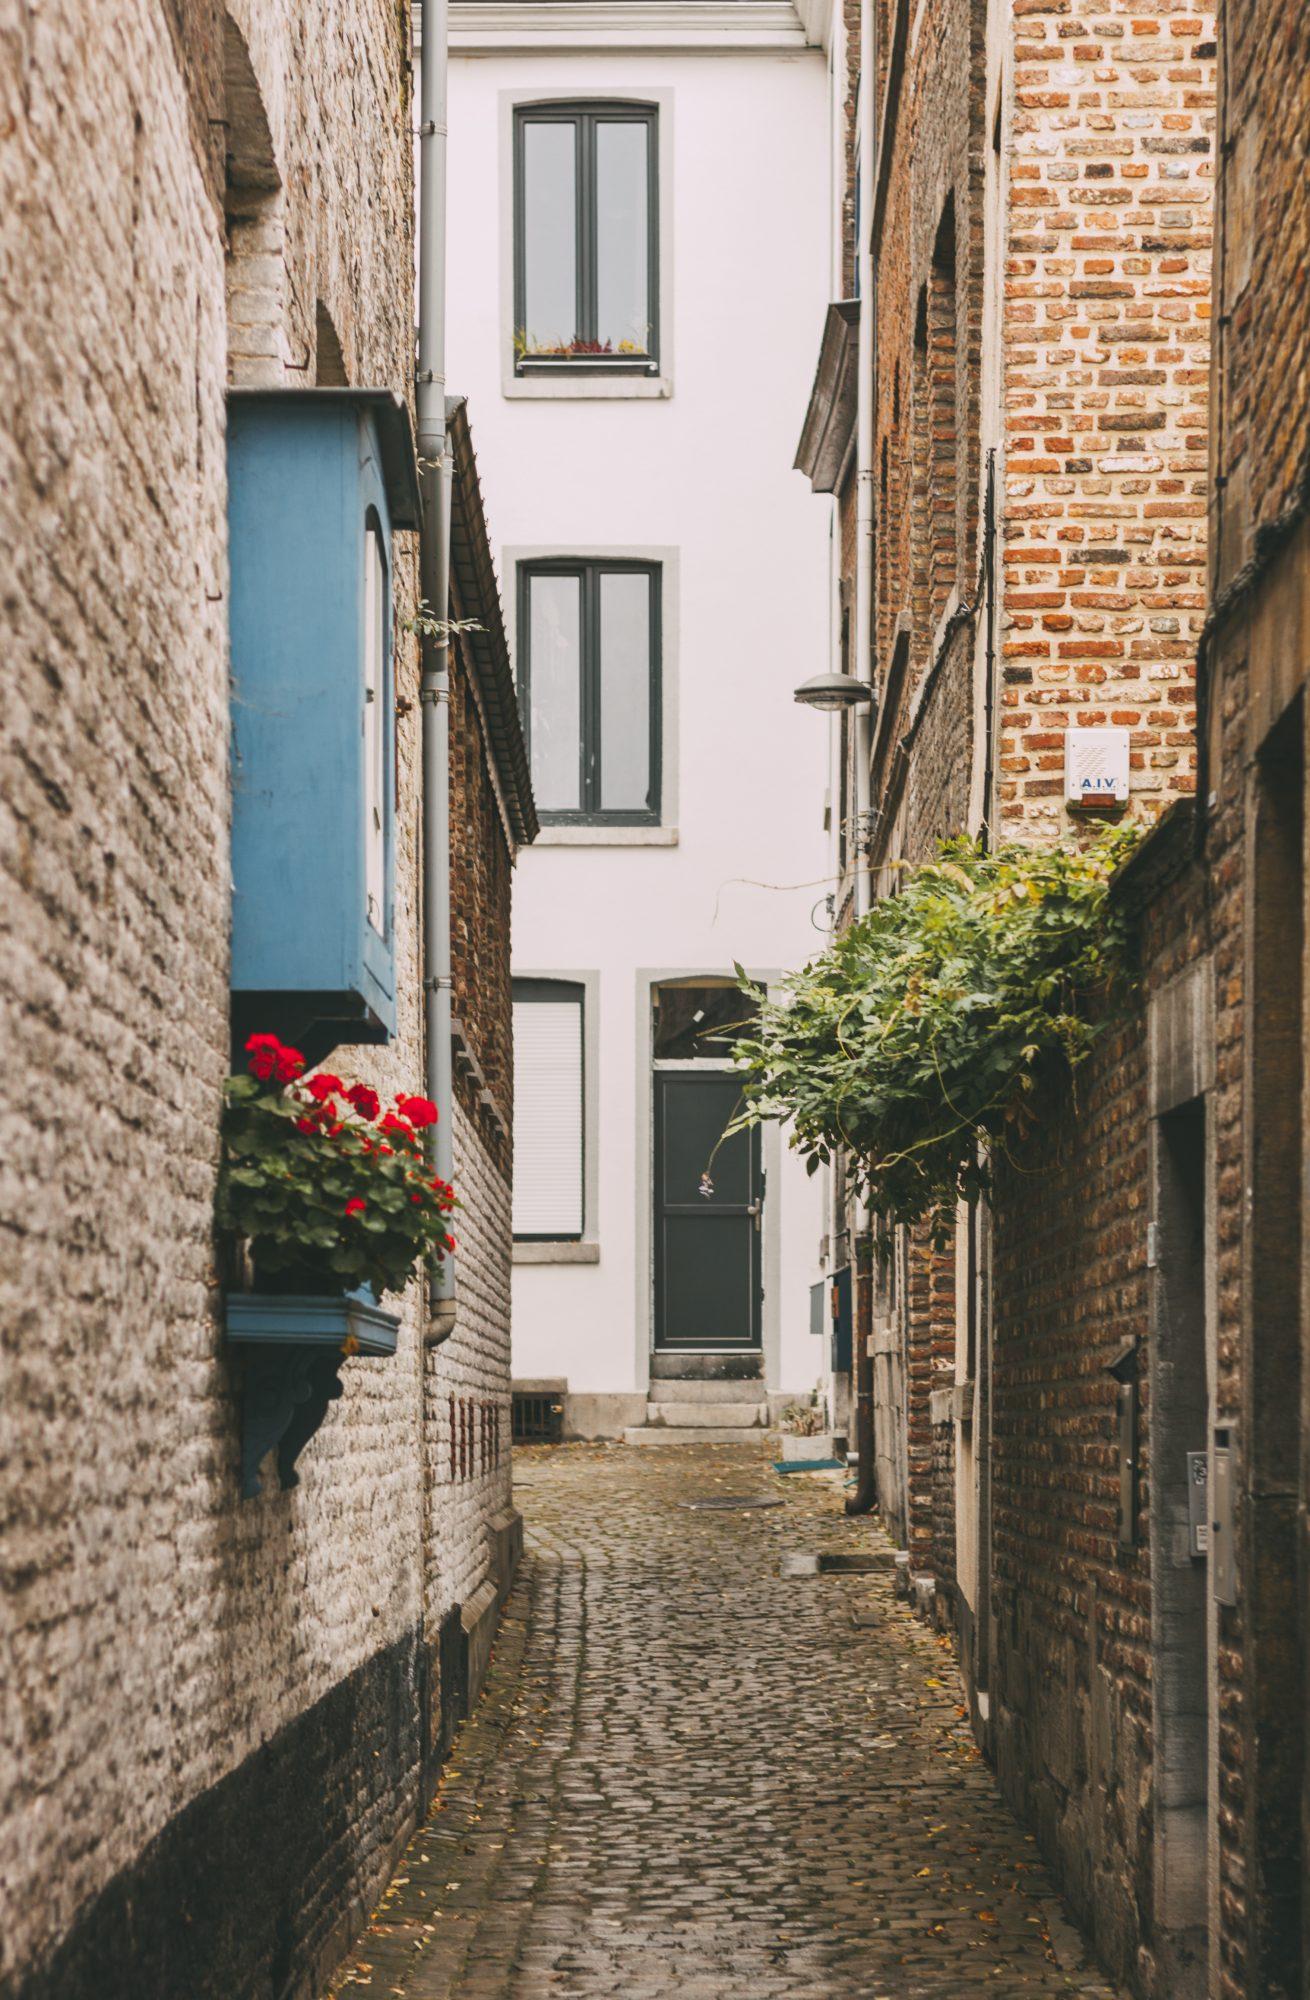 Impasse Venta, Liège